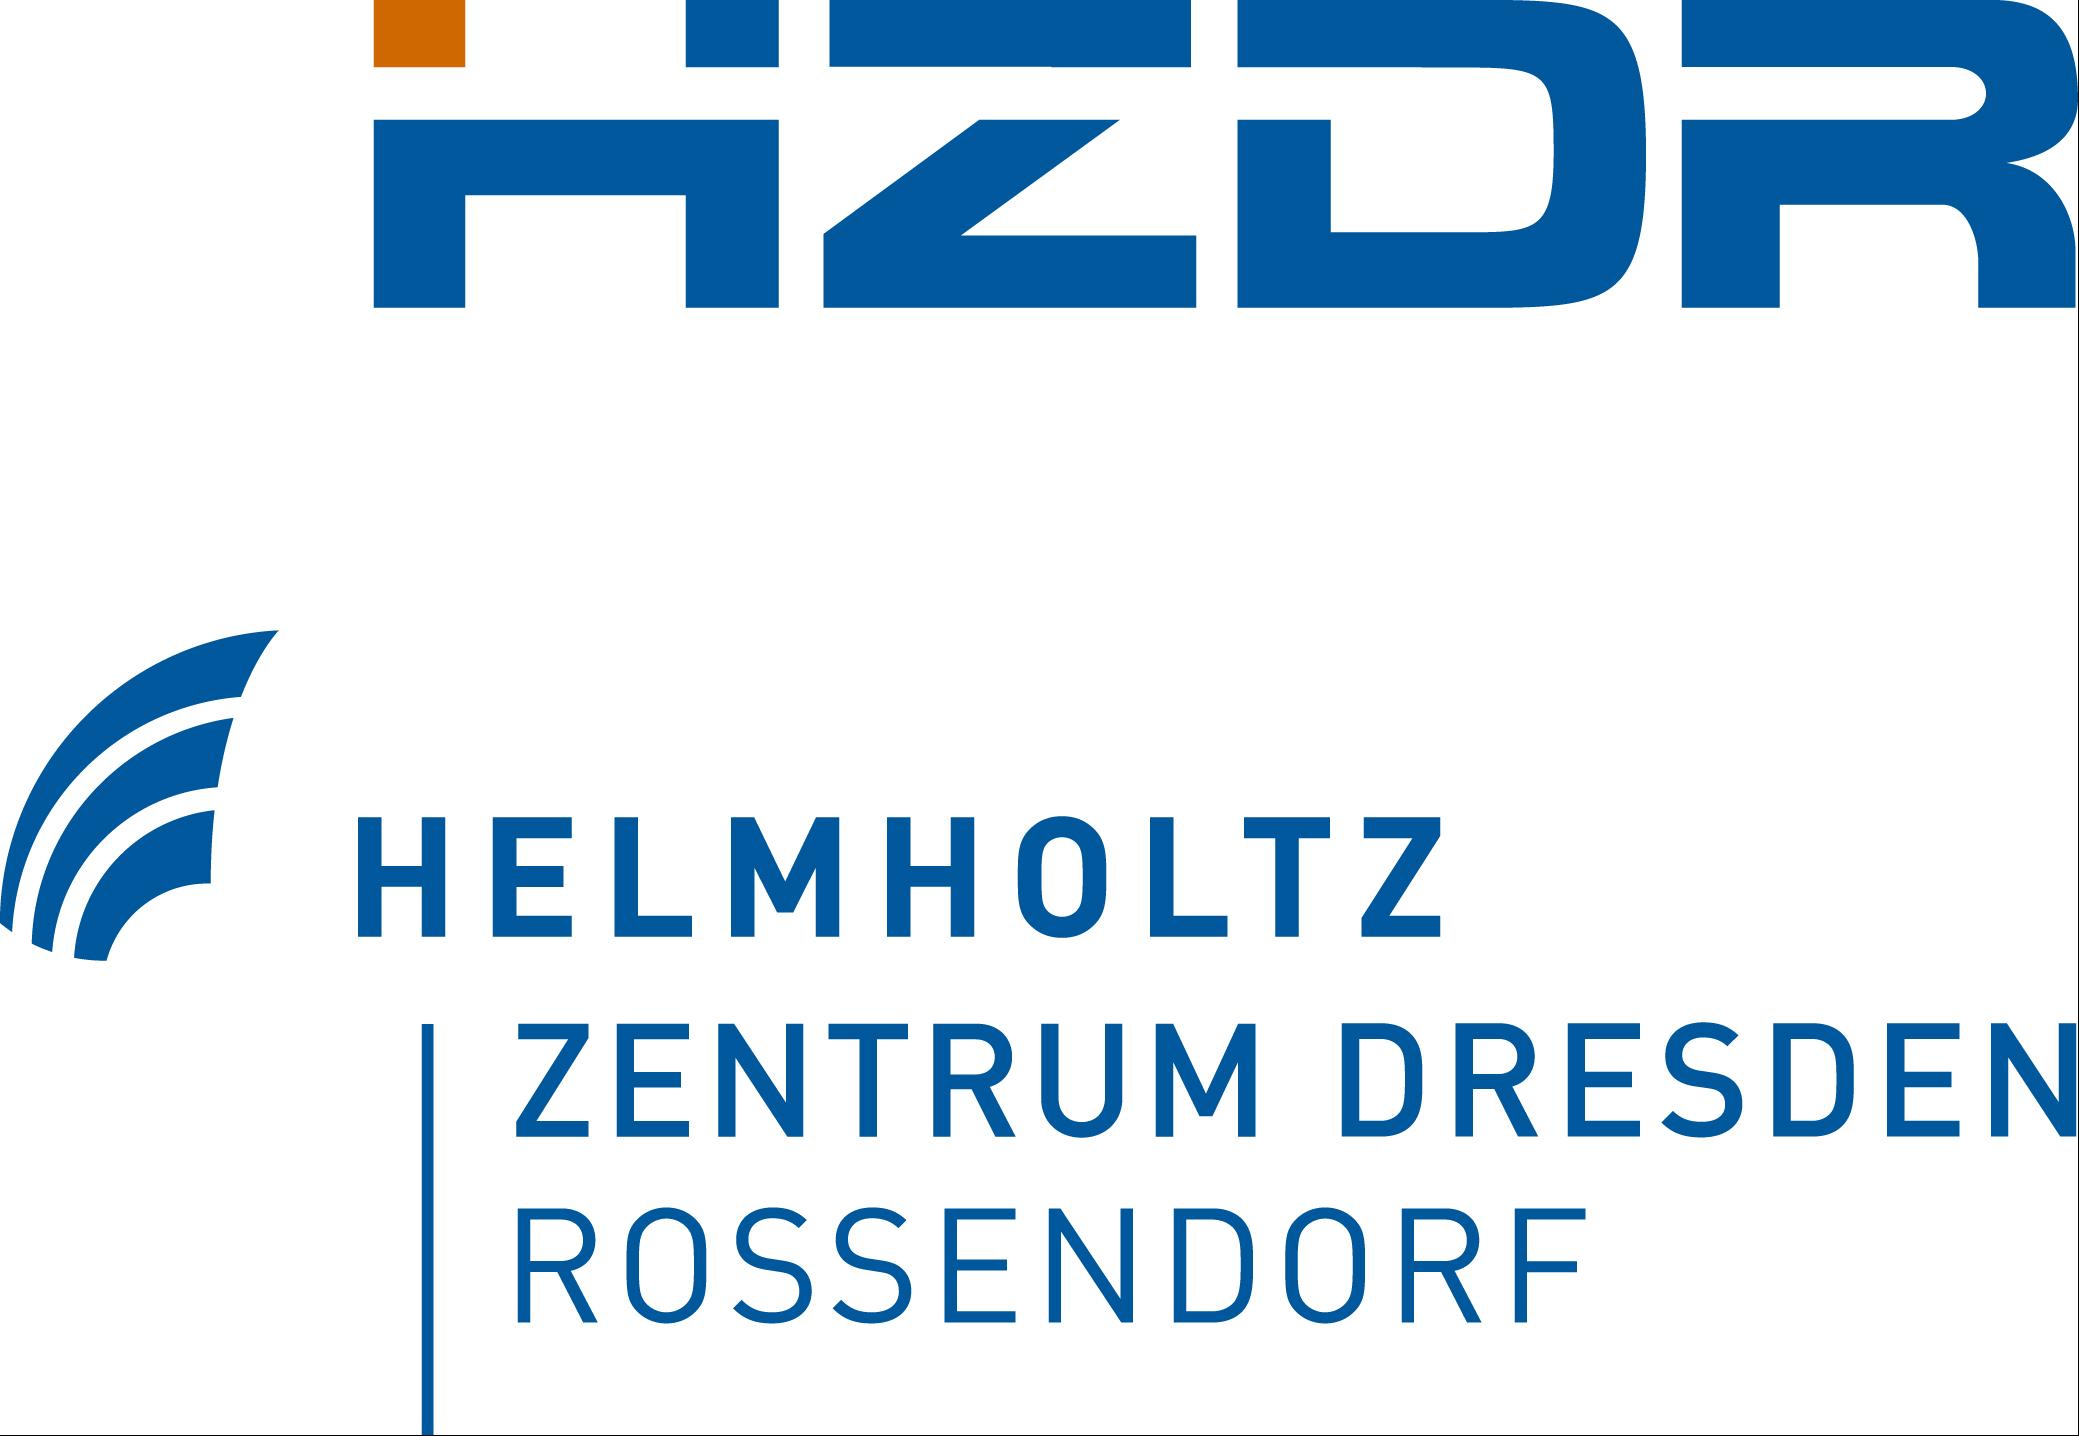 Helmholtz Centre Dresden - Rossendorf e. V. (HZDR) Logo